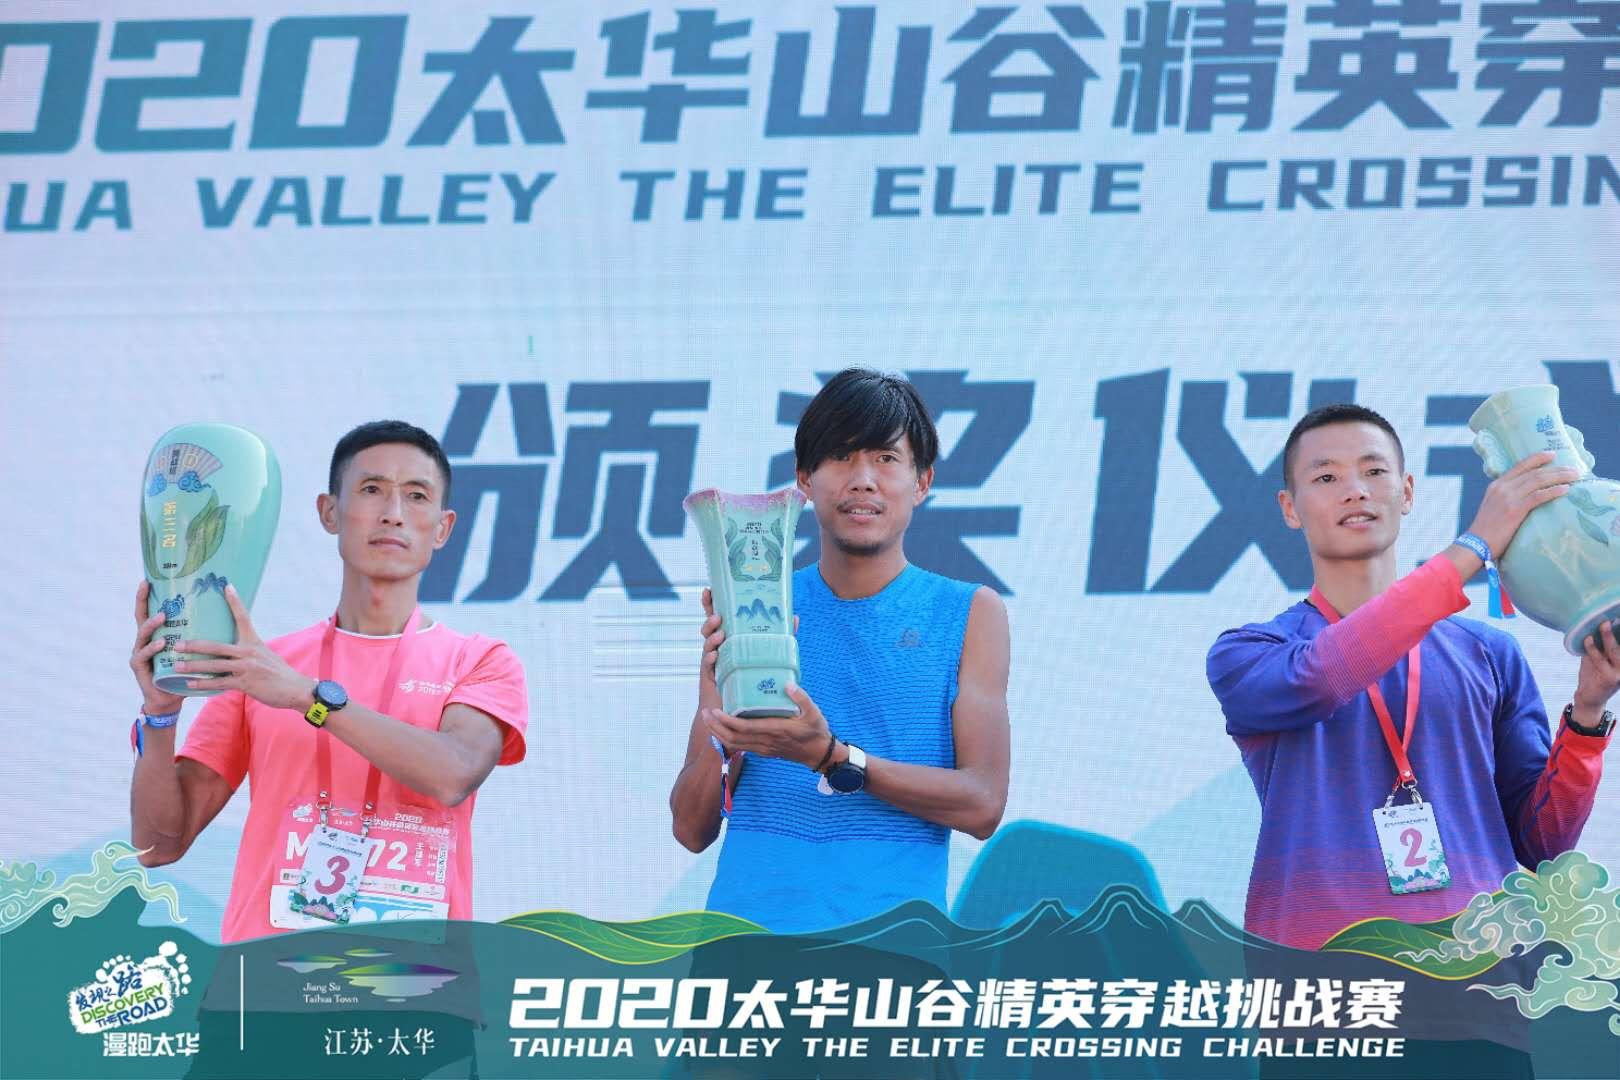 300余位选手激烈角逐,一场越野盛宴在太华镇圆满落幕